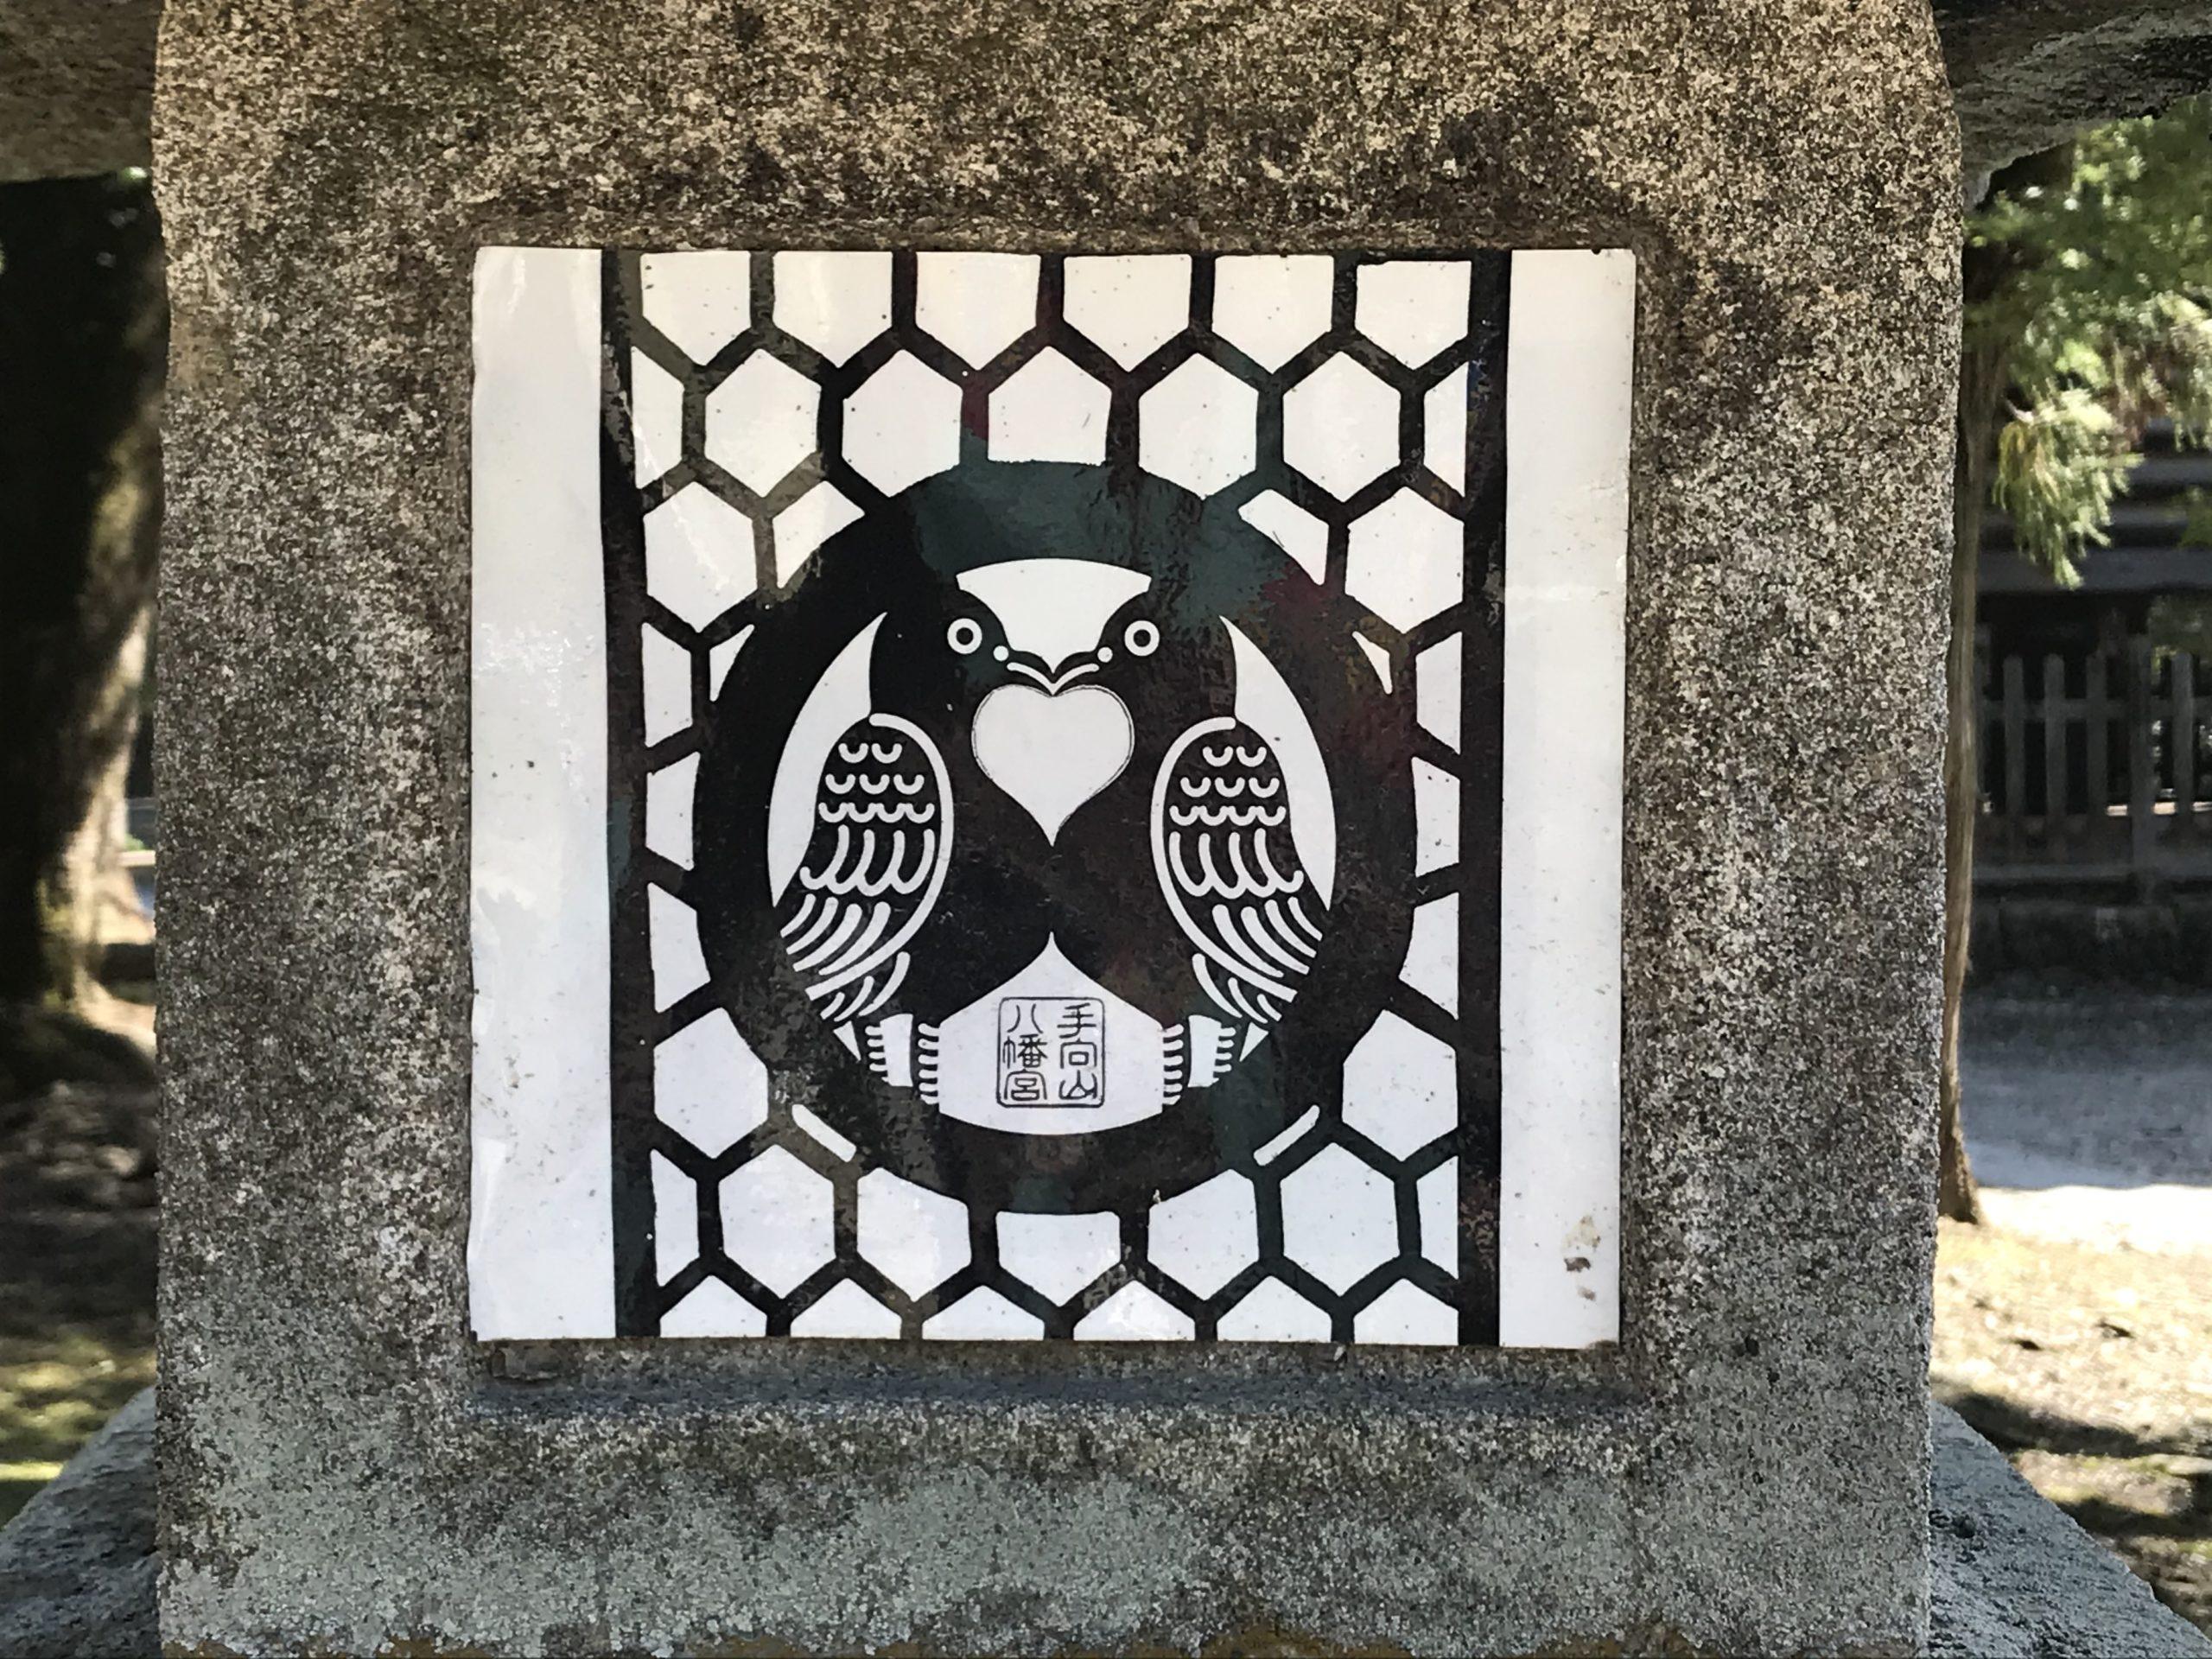 紋章が可愛い神社!奈良手向山八幡宮